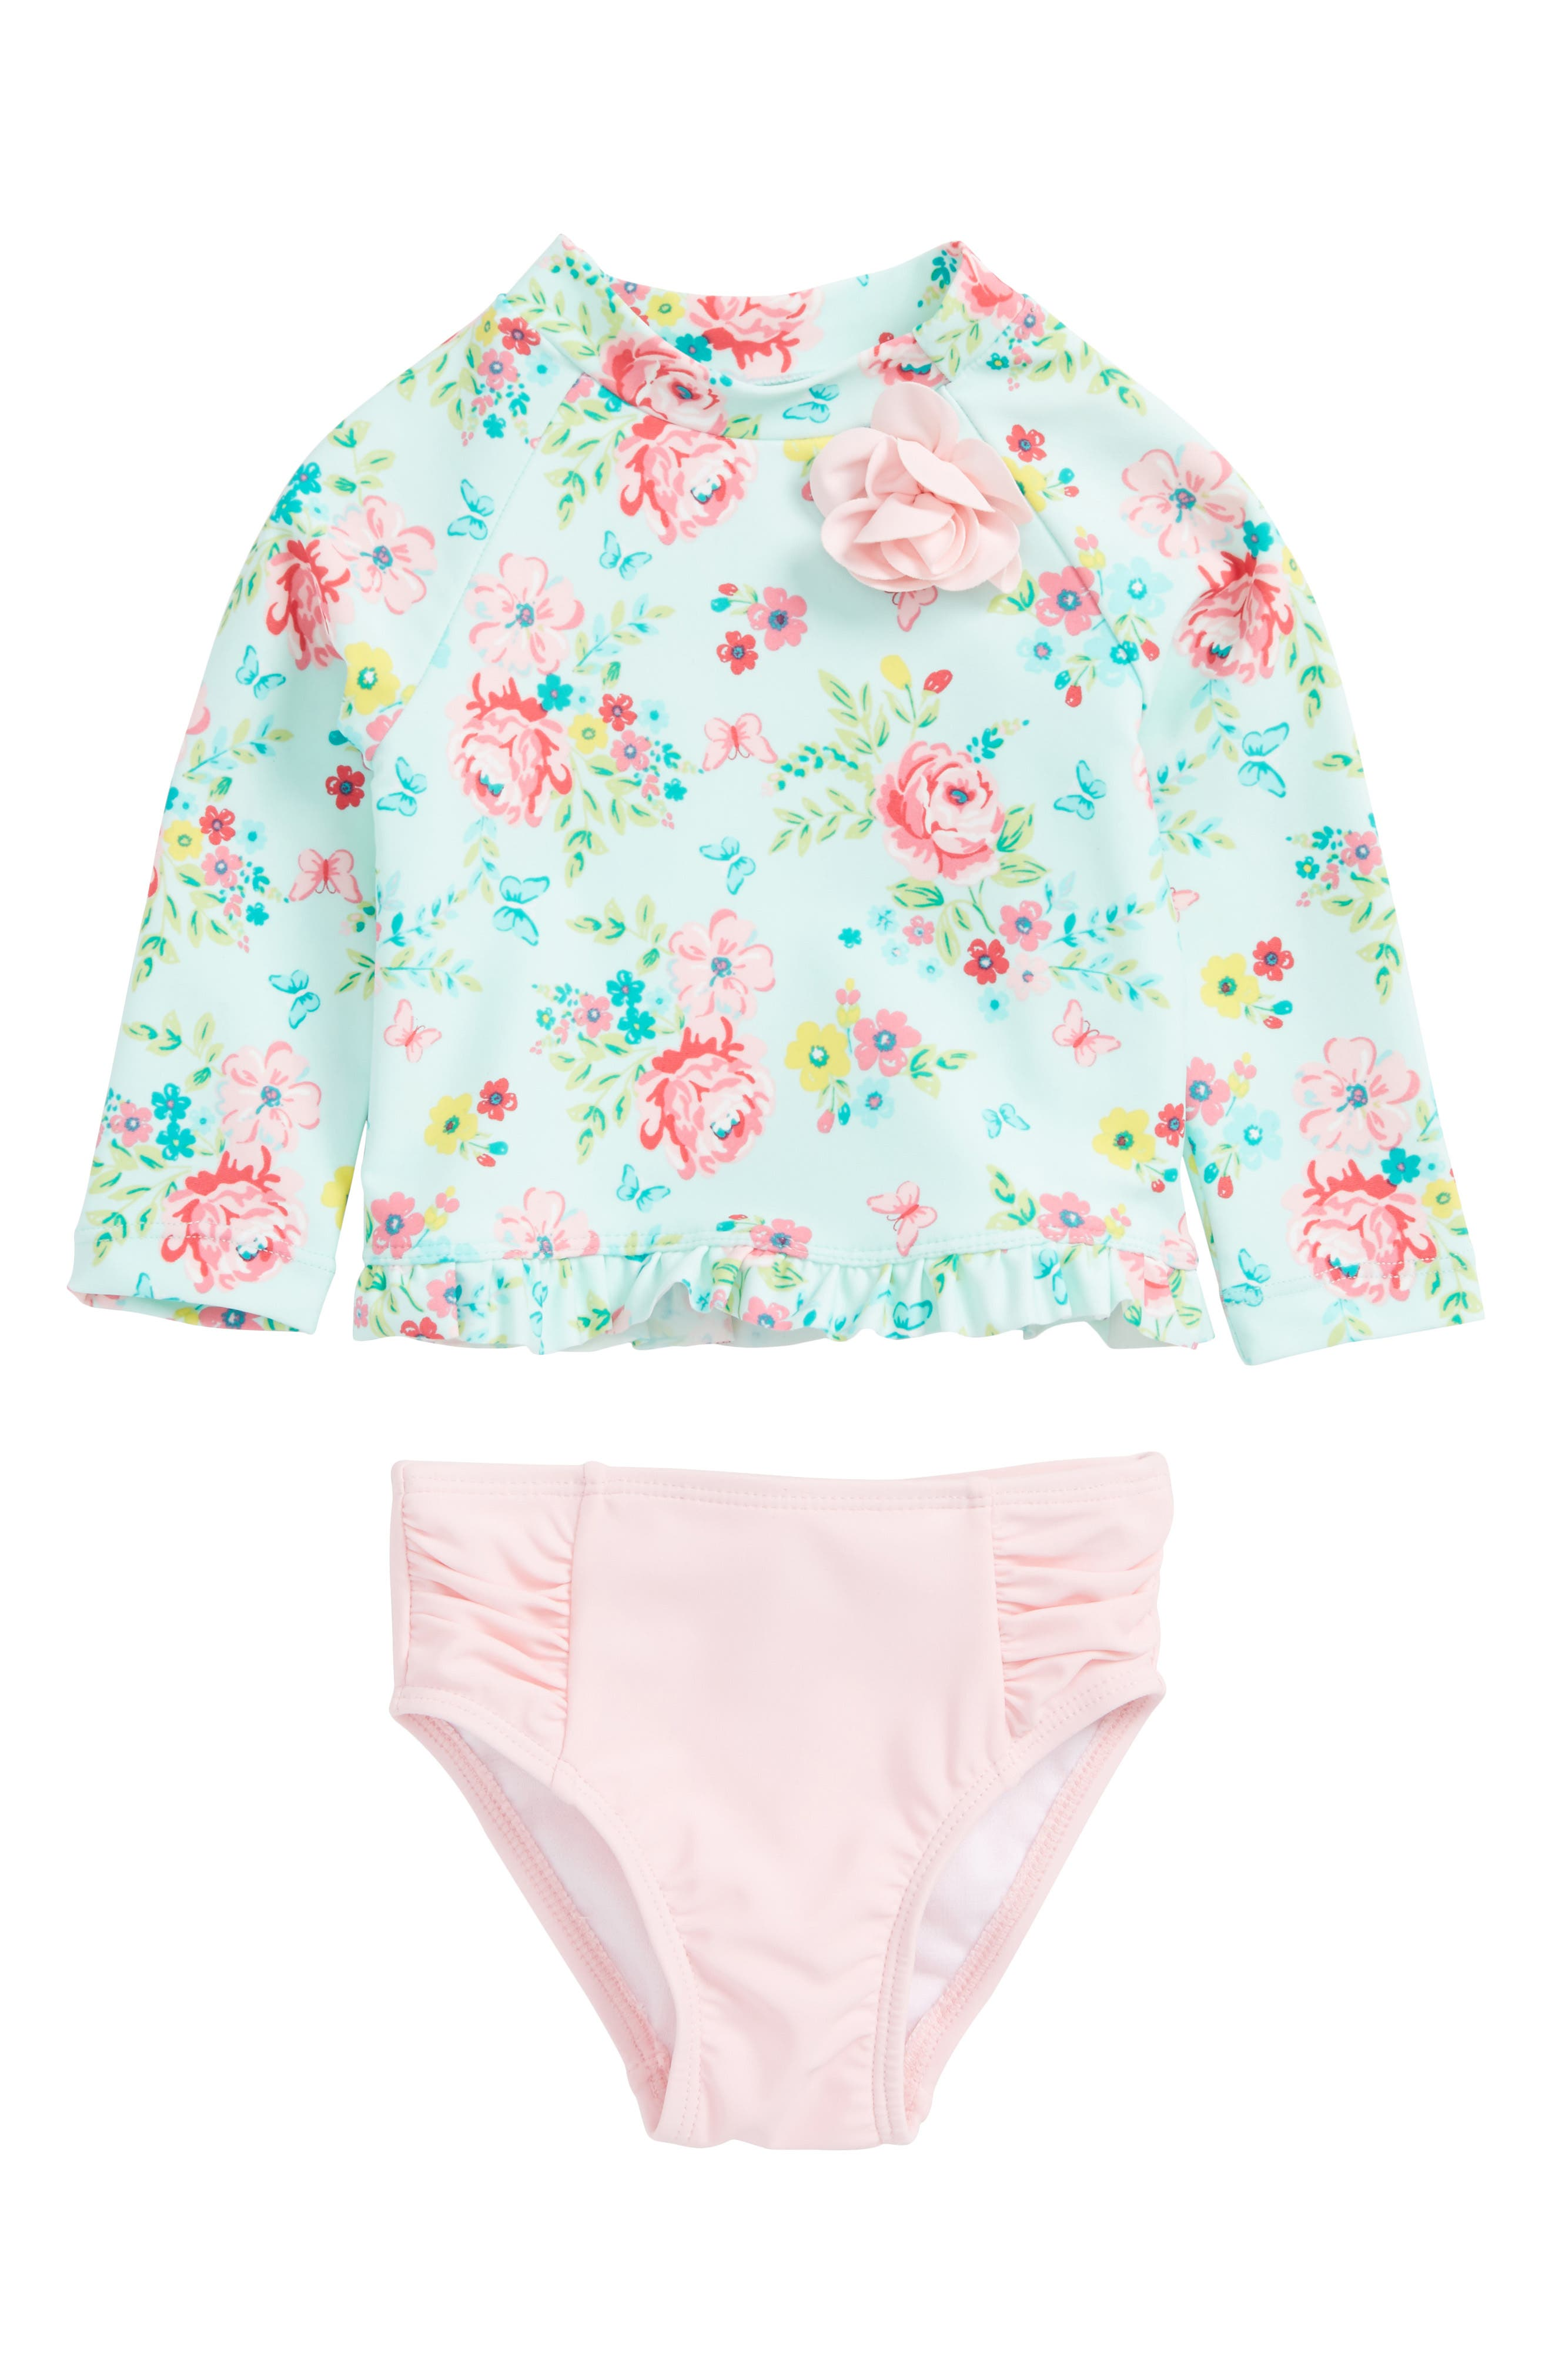 Aqua Rose Two-Piece Rashguard Swimsuit,                         Main,                         color,